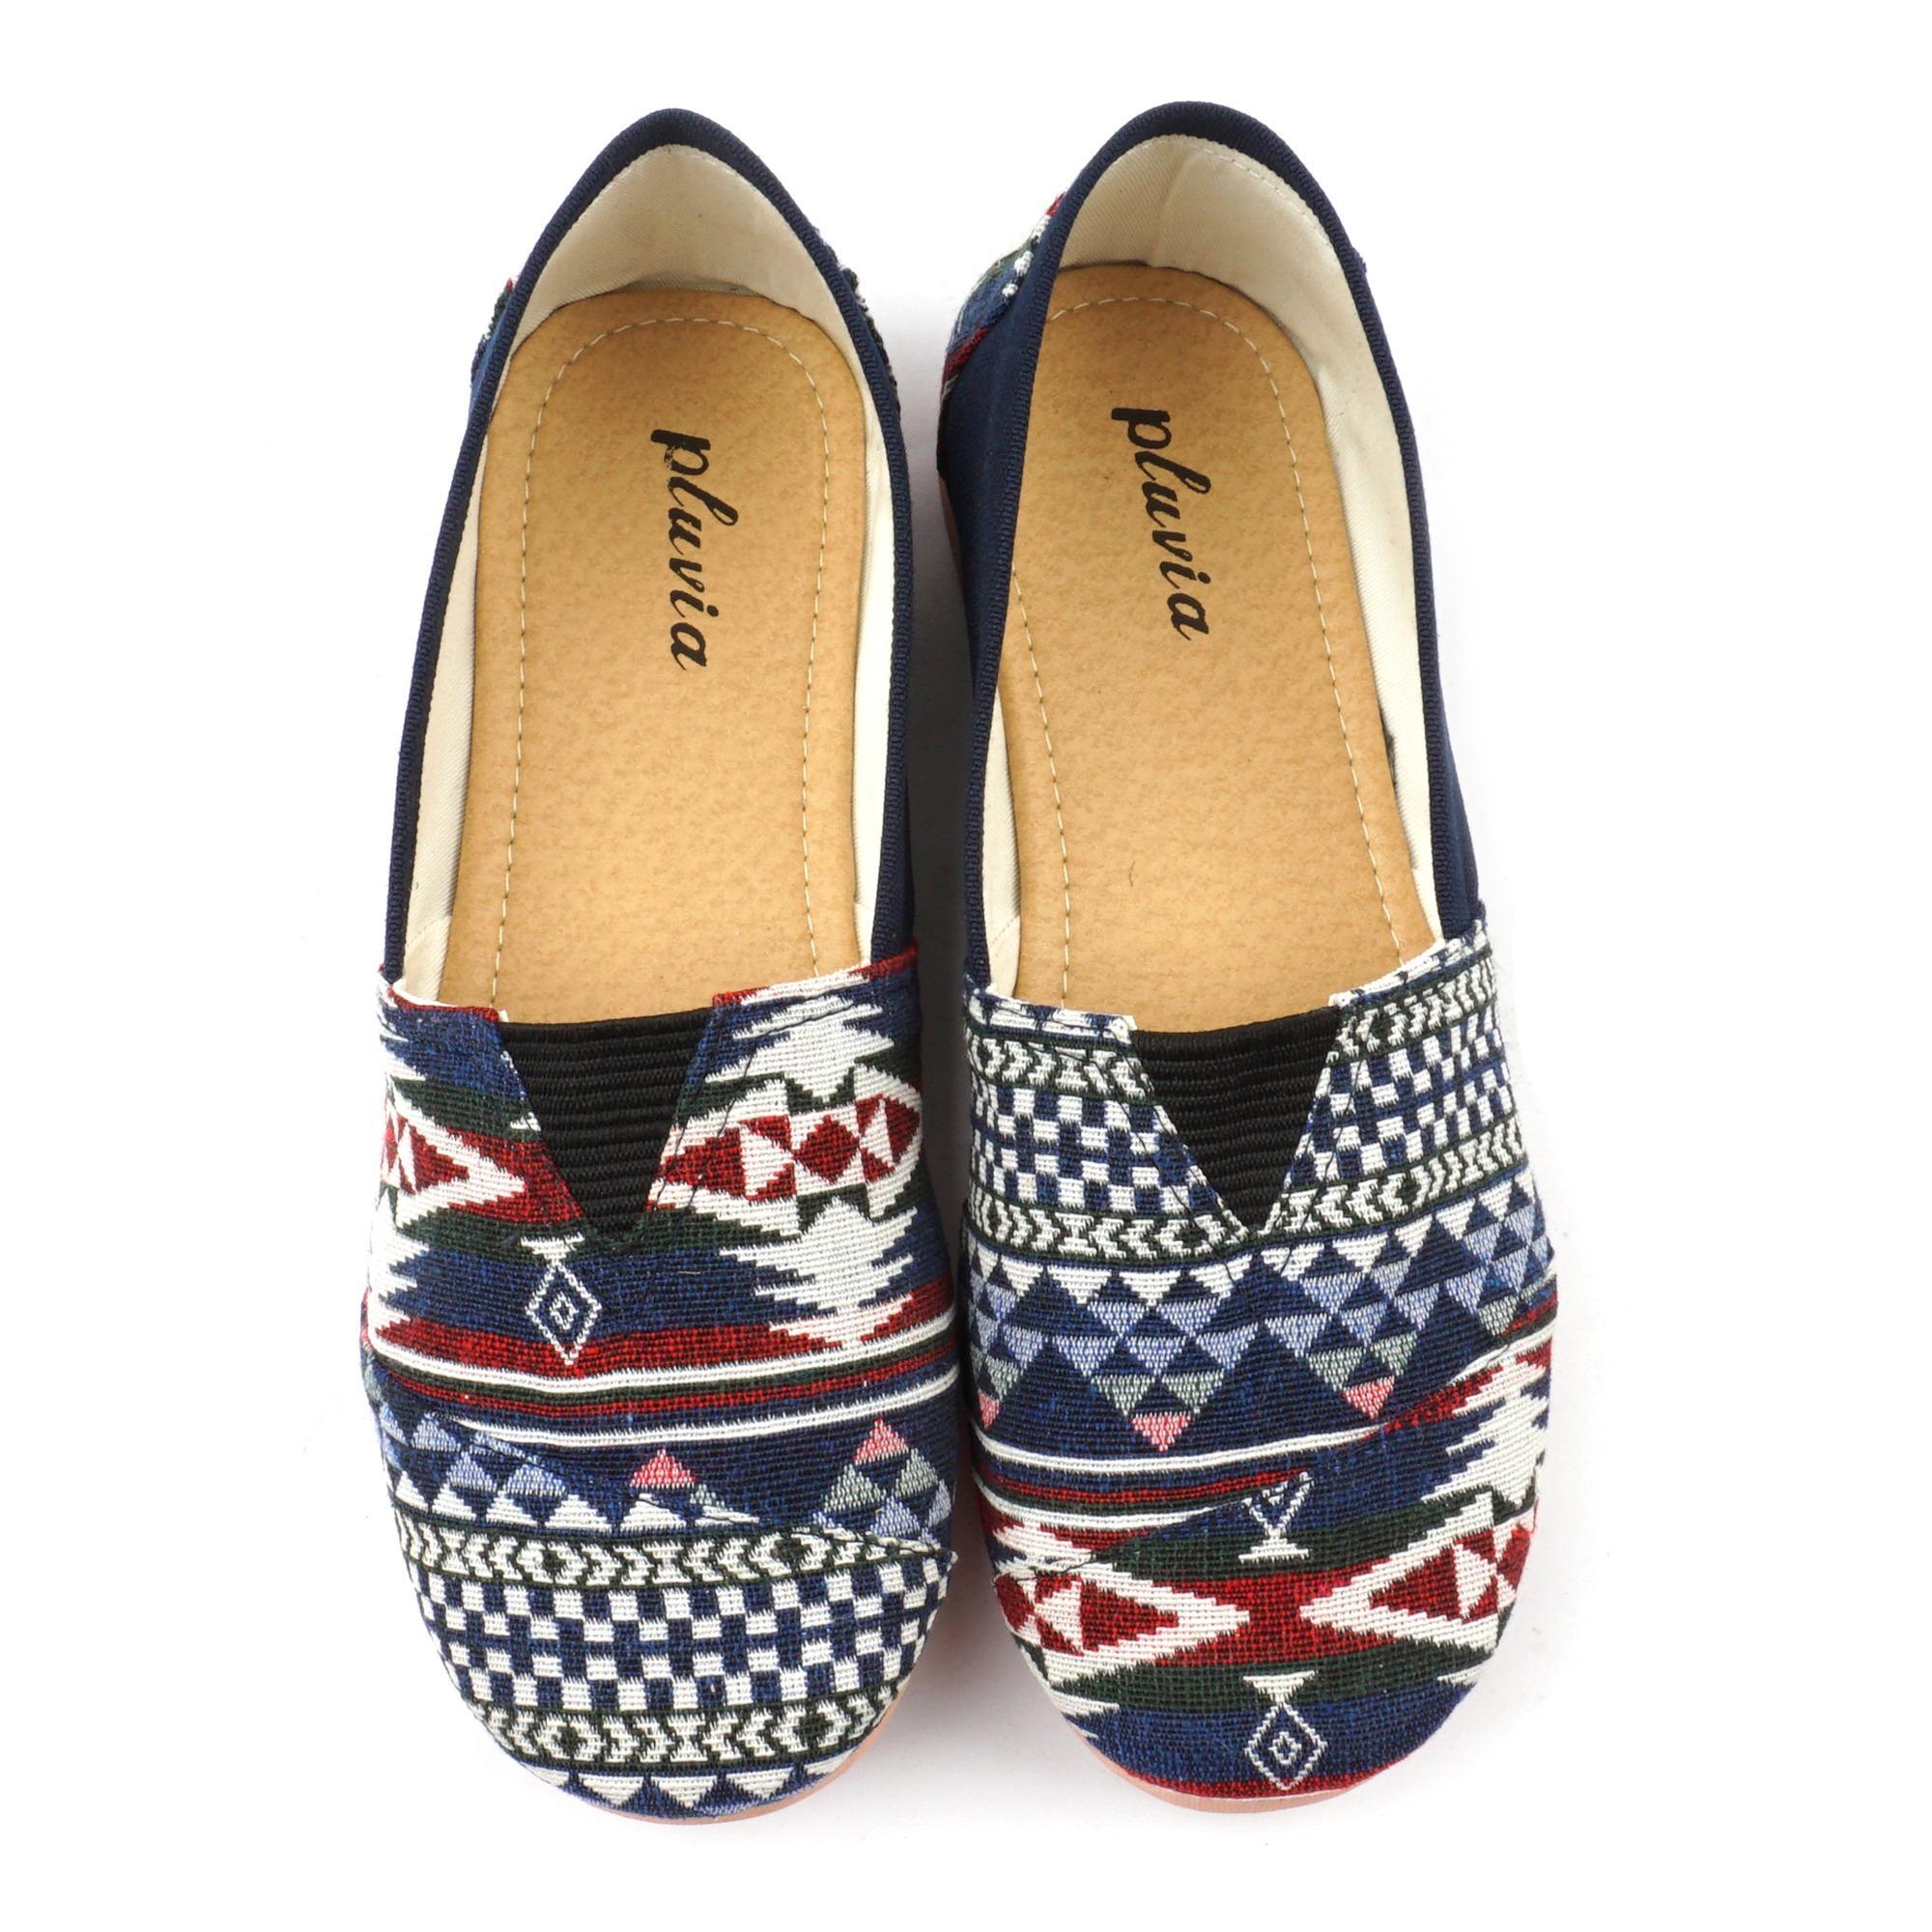 Sepatu Wanita Flat Shoes Slip On Kanvas Ns55 Abu Daftar Harga Kerja Lukis  Slipon Px Style Suster Songket Ns77 Navy